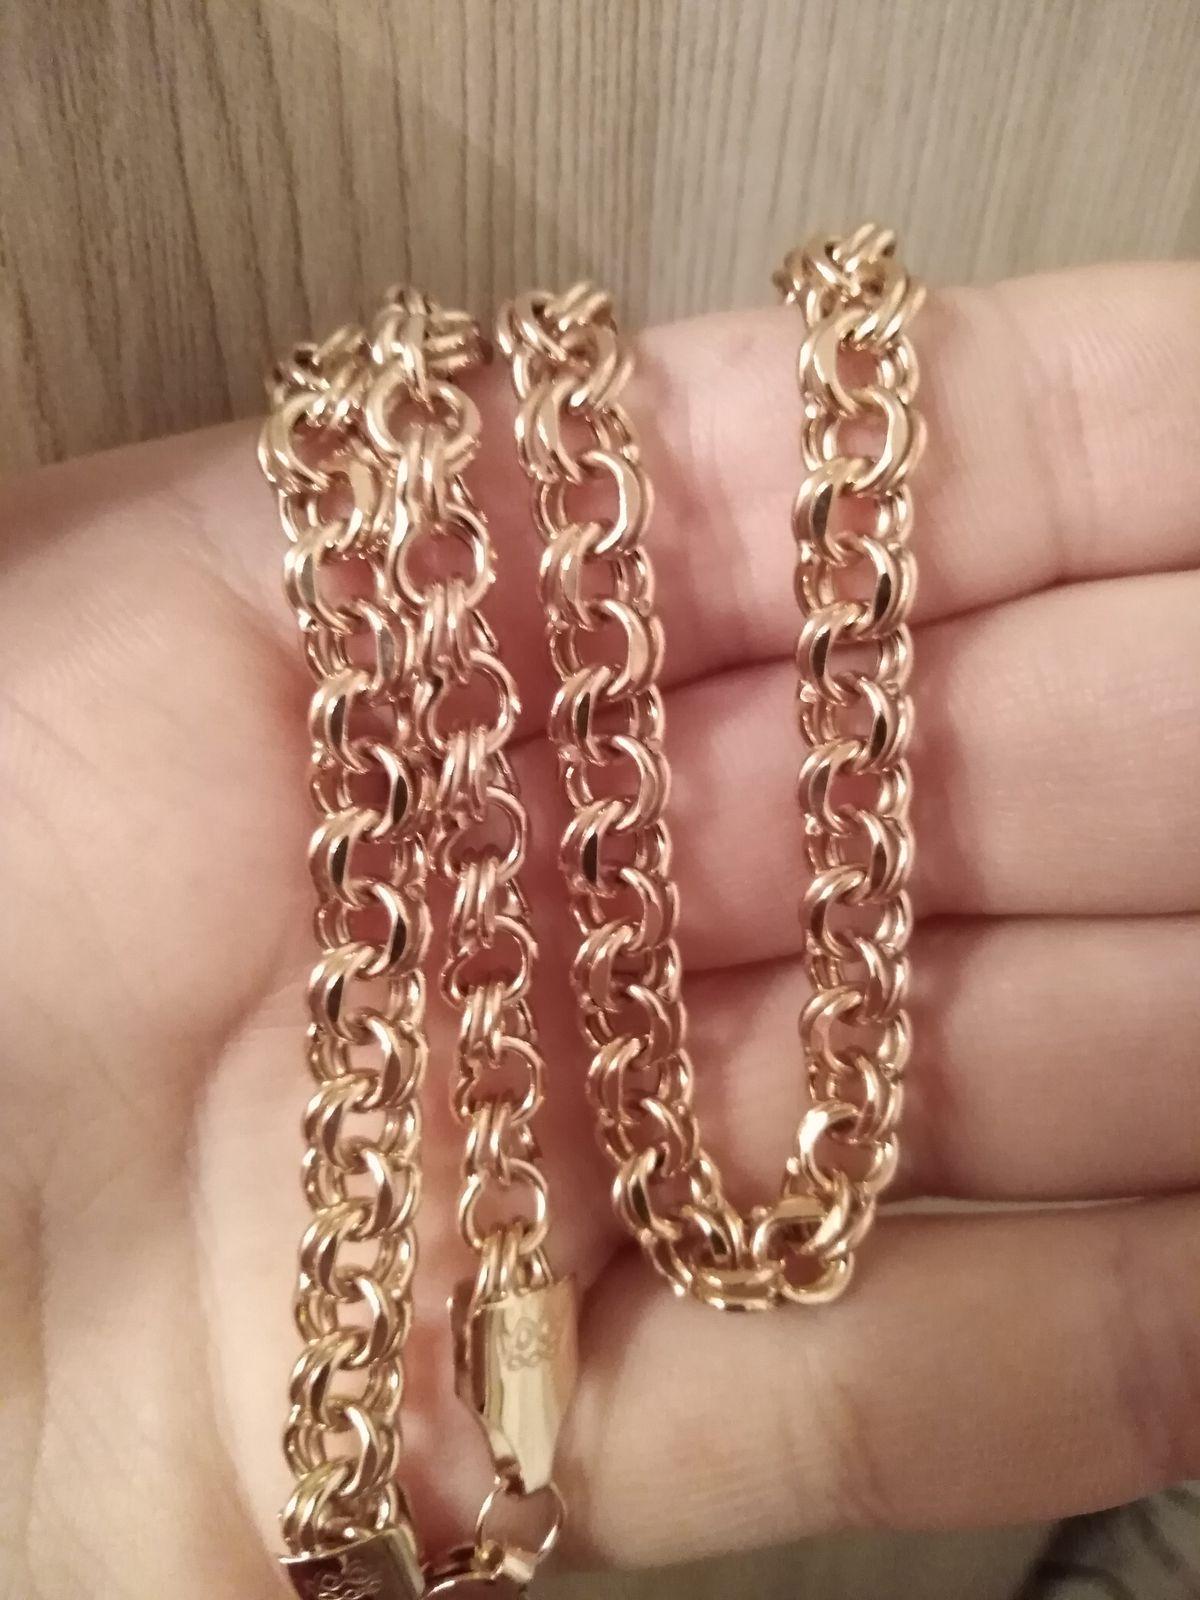 Надежная цепь, плетение красивое и прочное